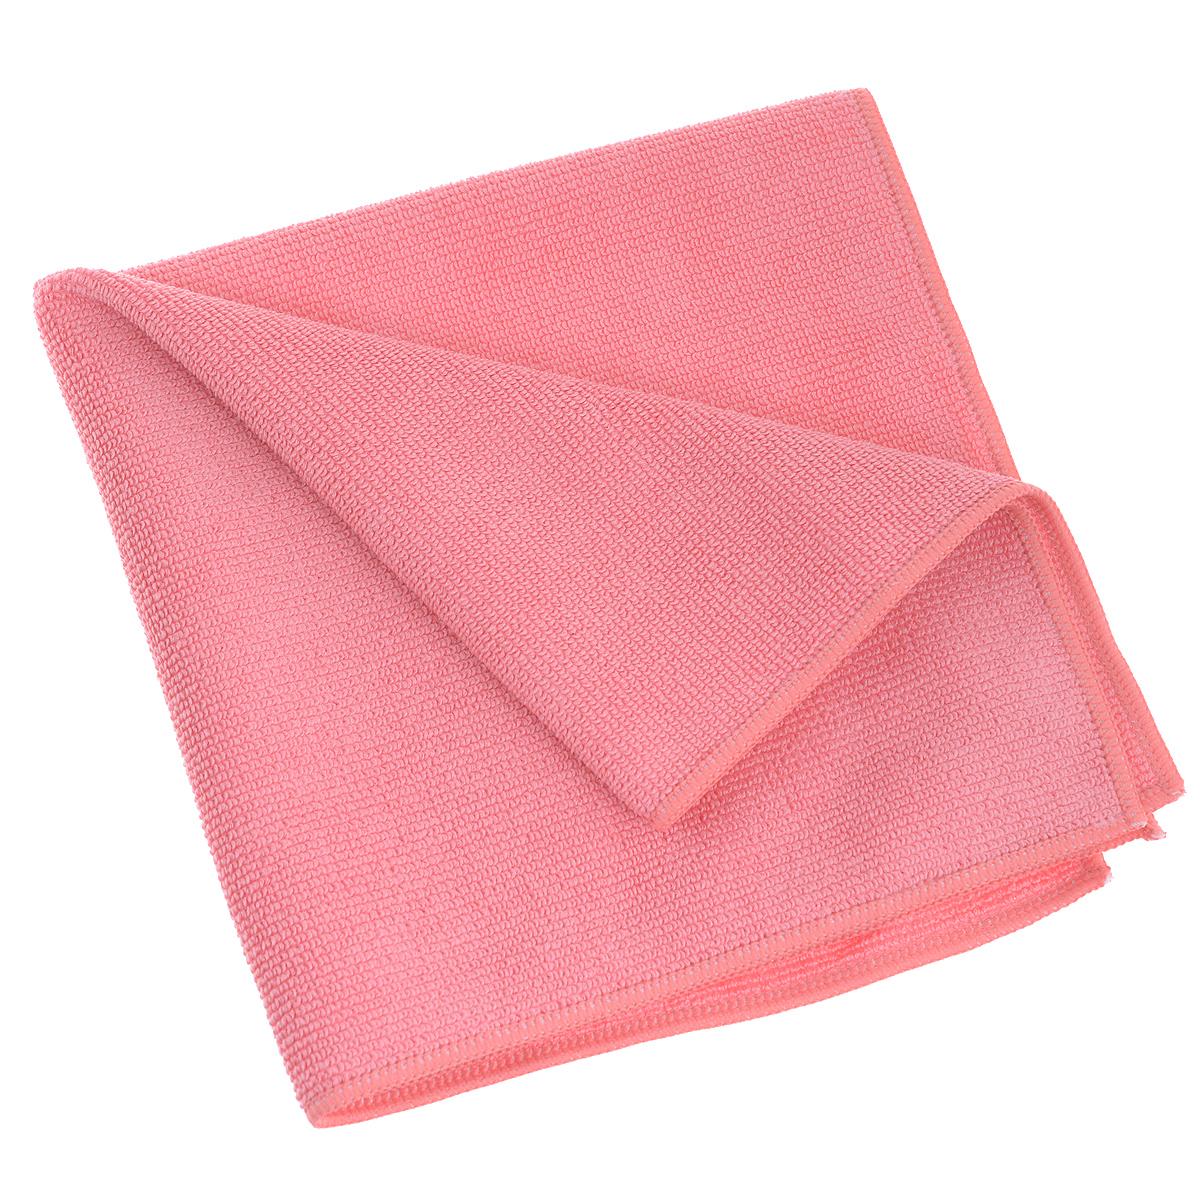 Салфетка универсальная Bioclean Platin, цвет: розовый, 40 см х 40 см072Салфетка Bioclean Platin, изготовленная из микроволокна, предназначена для домашней и профессиональной уборки помещений. Изделие обладает высокой износоустойчивостью и рассчитано на многократное использование. Выдерживает не менее 500 стирок с любым порошком при температуре до 95°С. Благодаря специальной структуре волокон производить уборку возможно как с применением бытовых моющих средств, так и без них. Не оставляет разводов и ворсинок. Состав: 80% полиэстер, 20% полиамид.